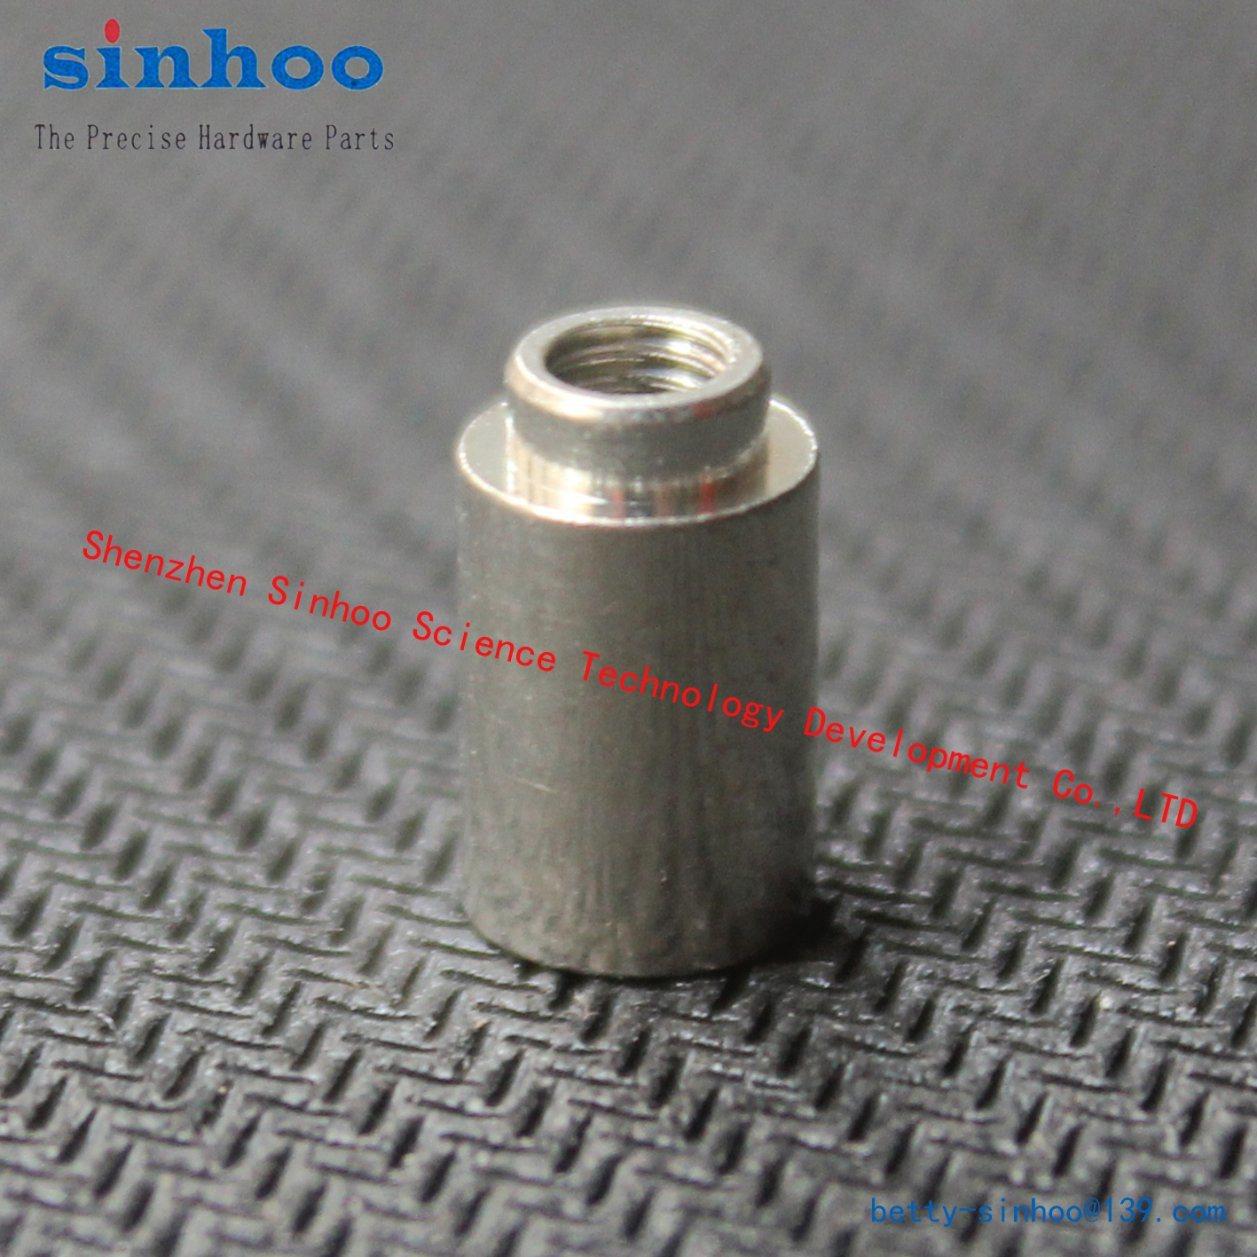 Smtso-M2-10et Standoff Weld Nut Solder Nut, Brass, Reel, Round Nut